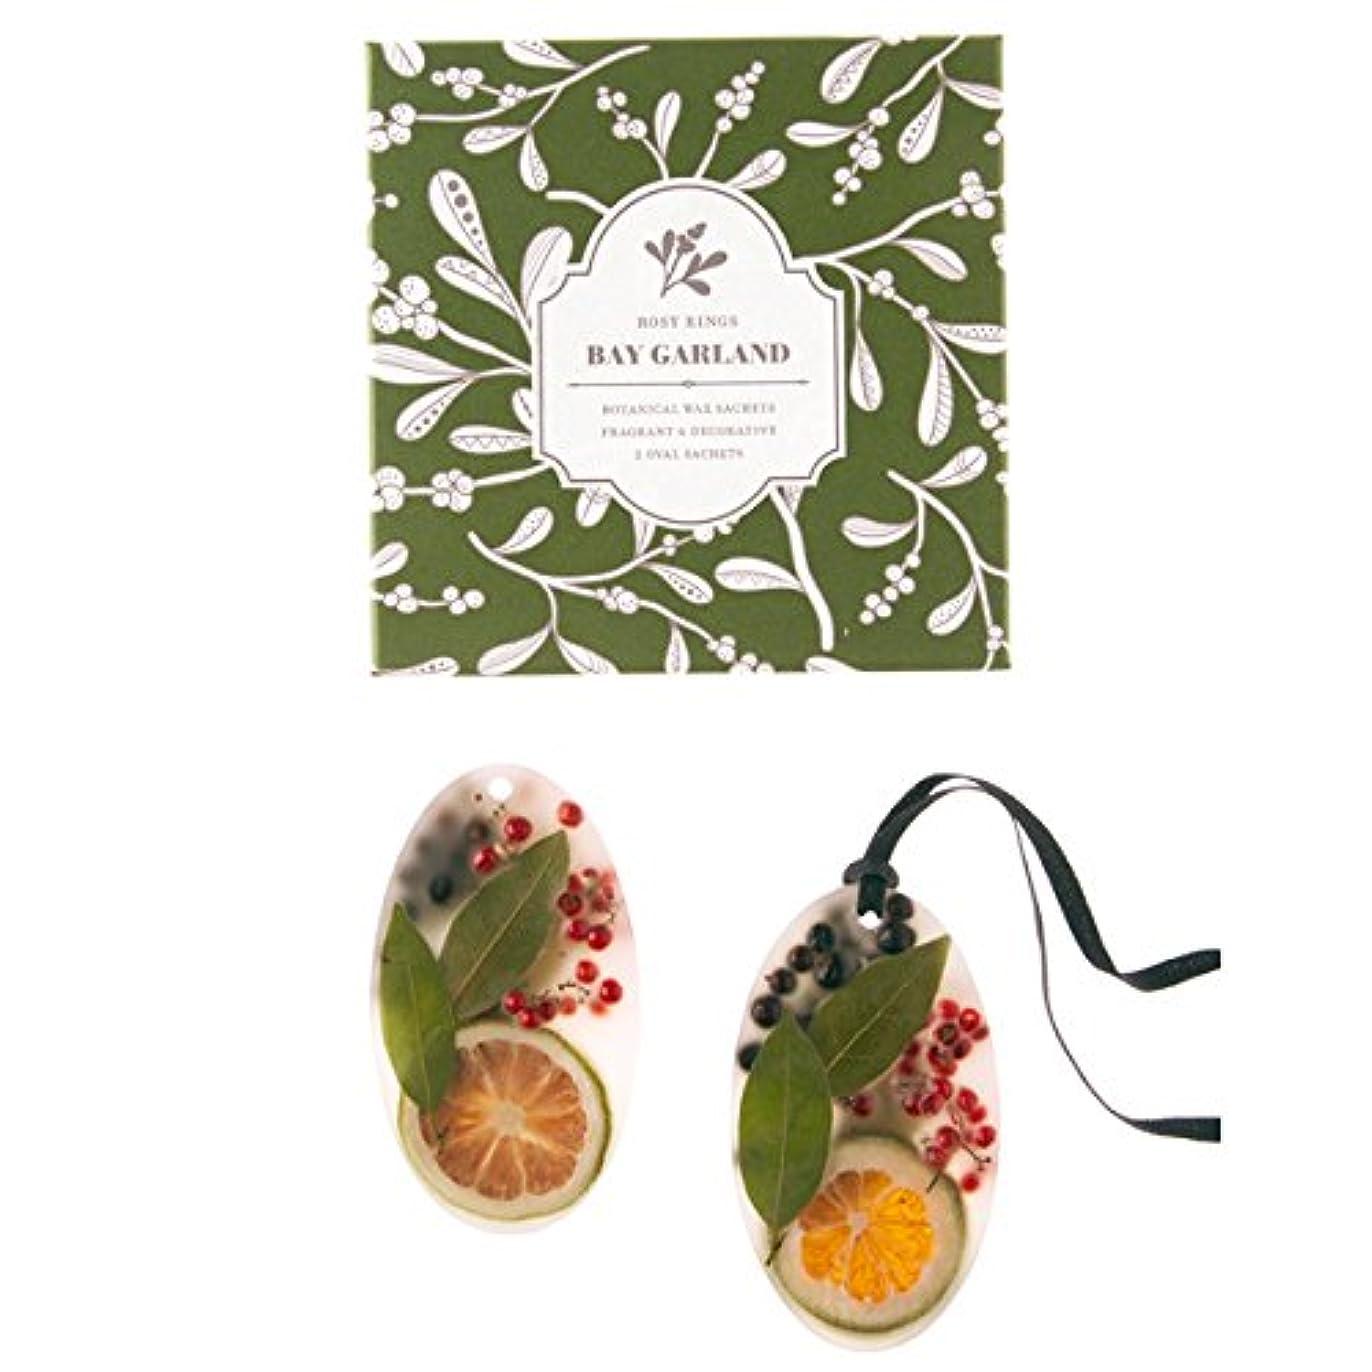 クラッチおじさん誇張するロージーリングス ボタニカルワックスサシェ オーバル ベイガーランド ROSY RINGS Signature Collection Botanical Wax Sachets – Bay Garland